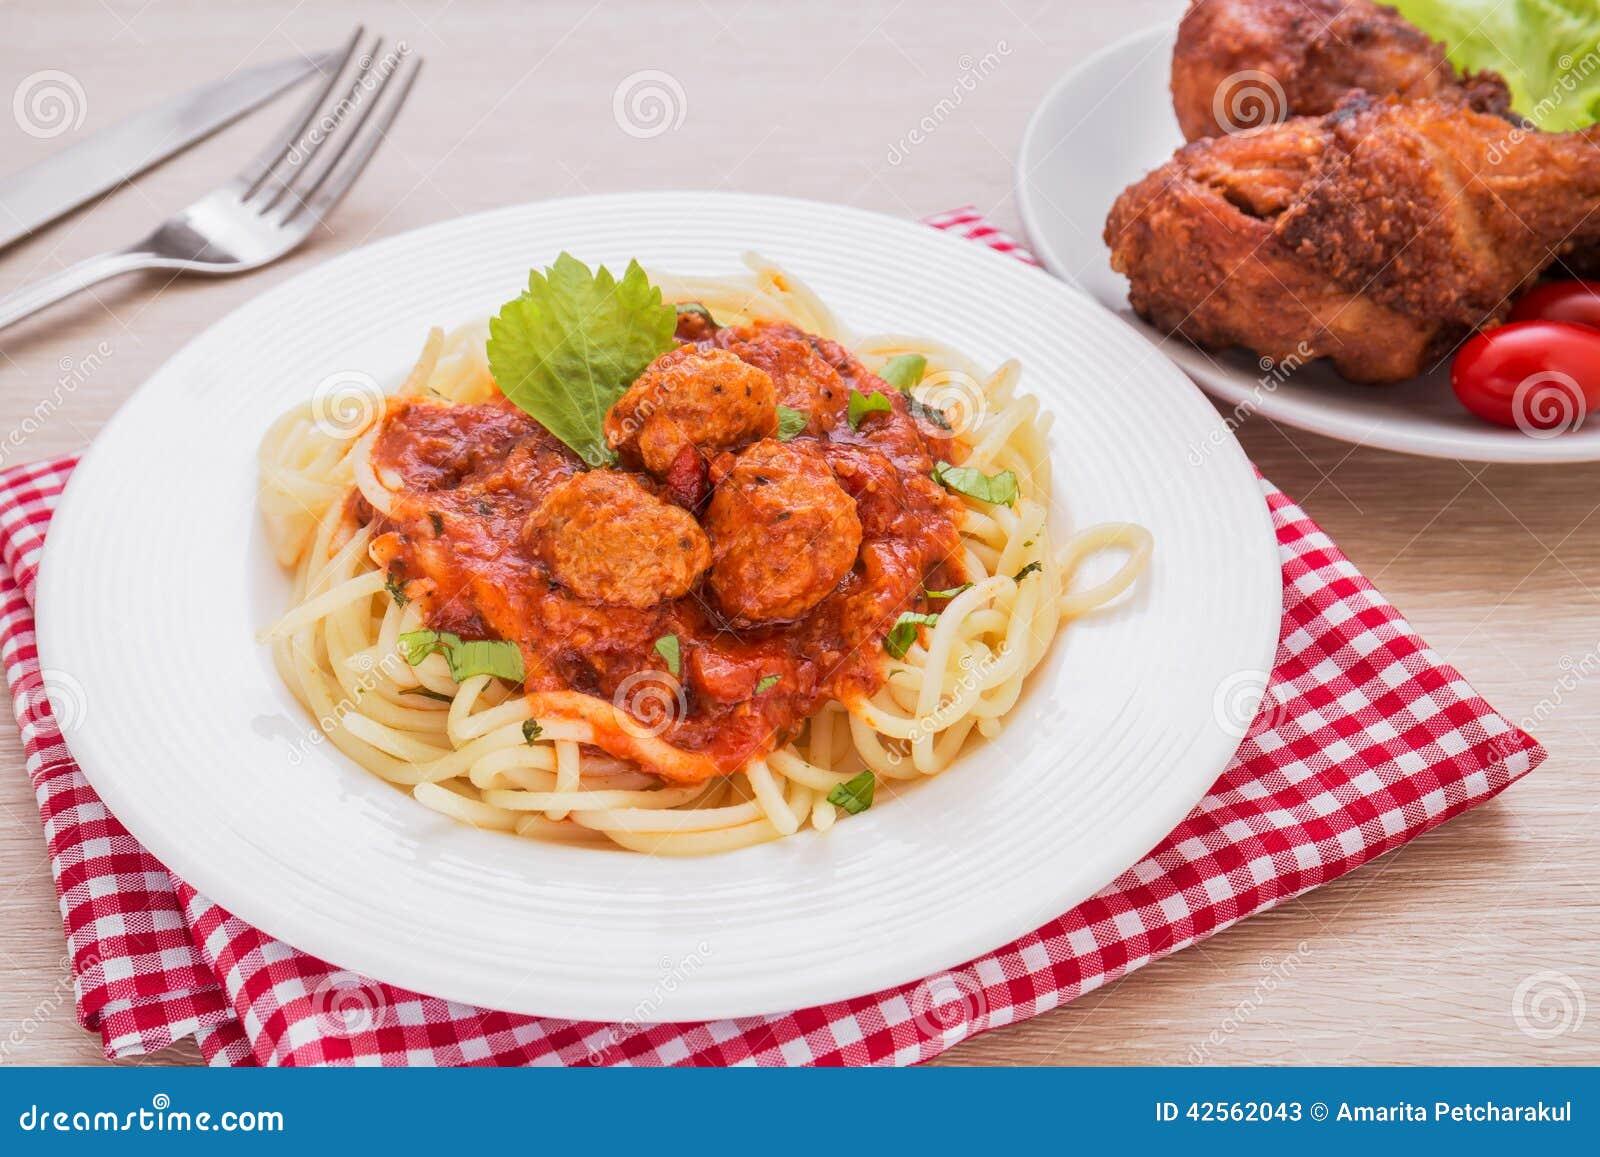 Spaghetti avec des boulettes de viande en sauce tomate et poulet frit photo stock image 42562043 - Boulette de viande en sauce ...